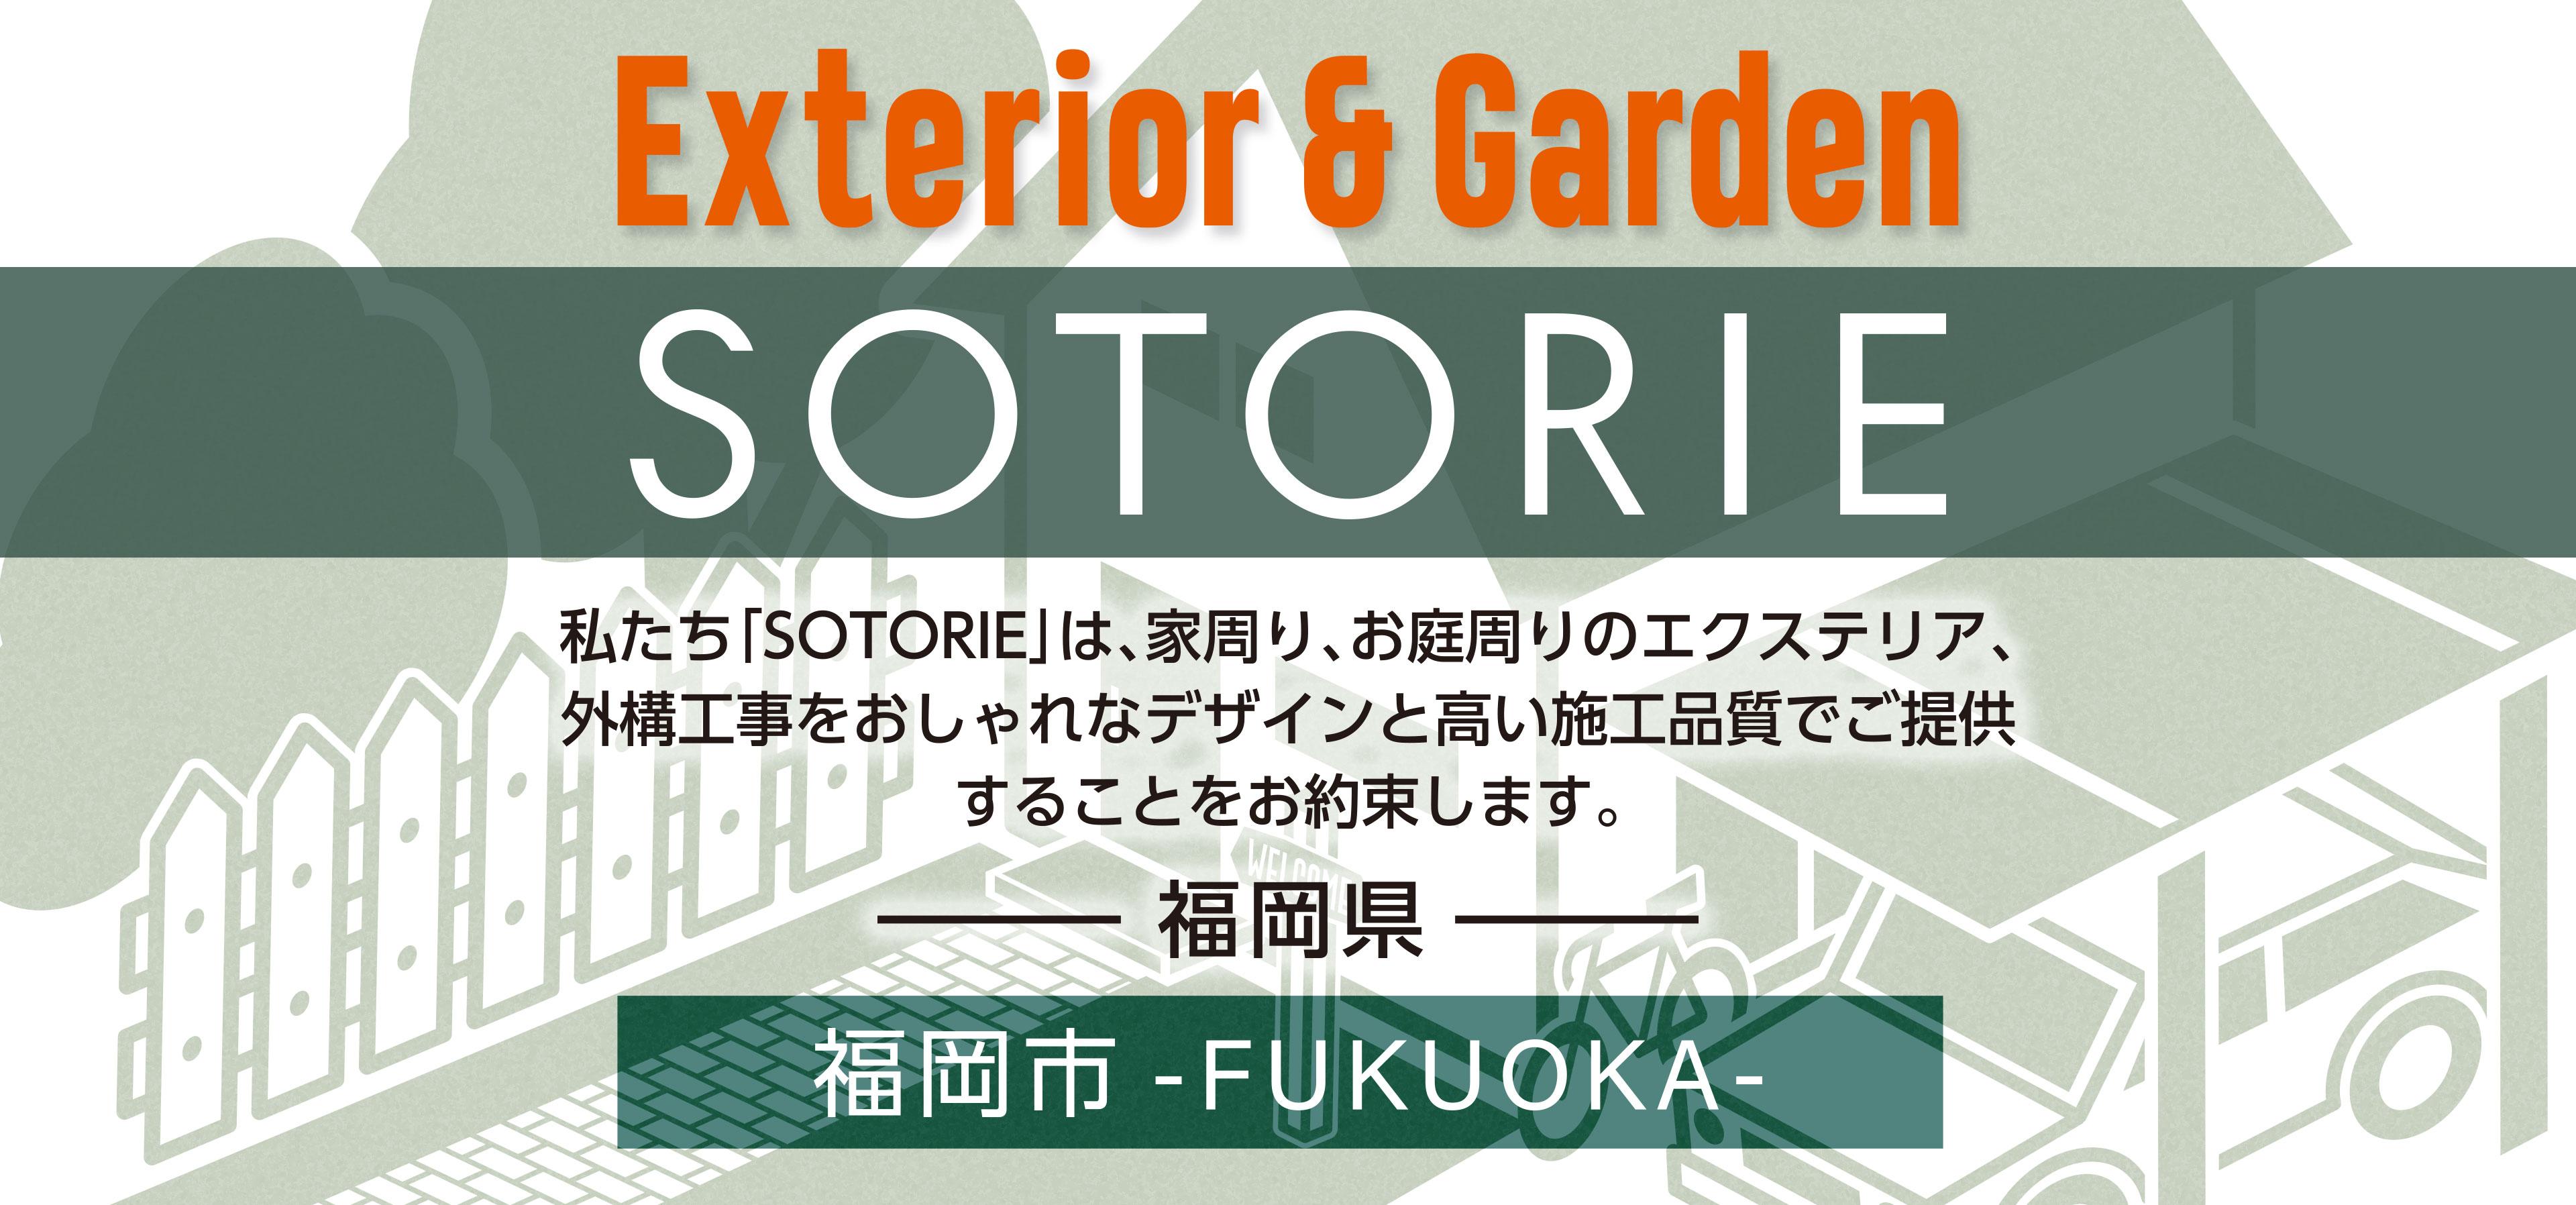 ソトリエ福岡市では、家周りと庭周りの外構、エクステリア工事をおしゃれなデザインと高い施工品質でご提供することをお約束します。